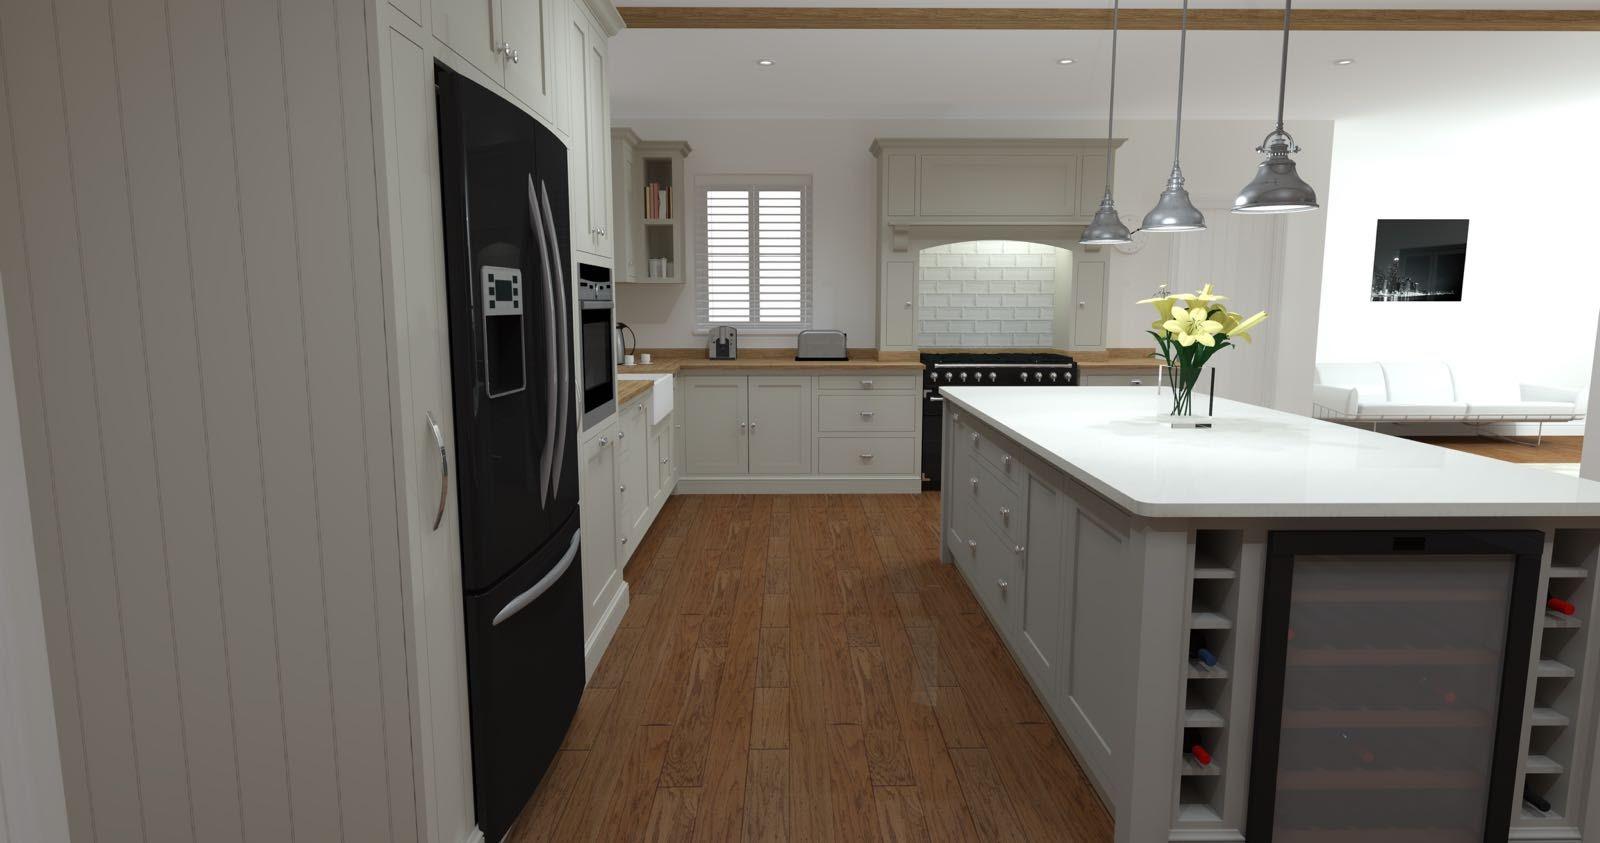 Shaker kitchen in solid oak